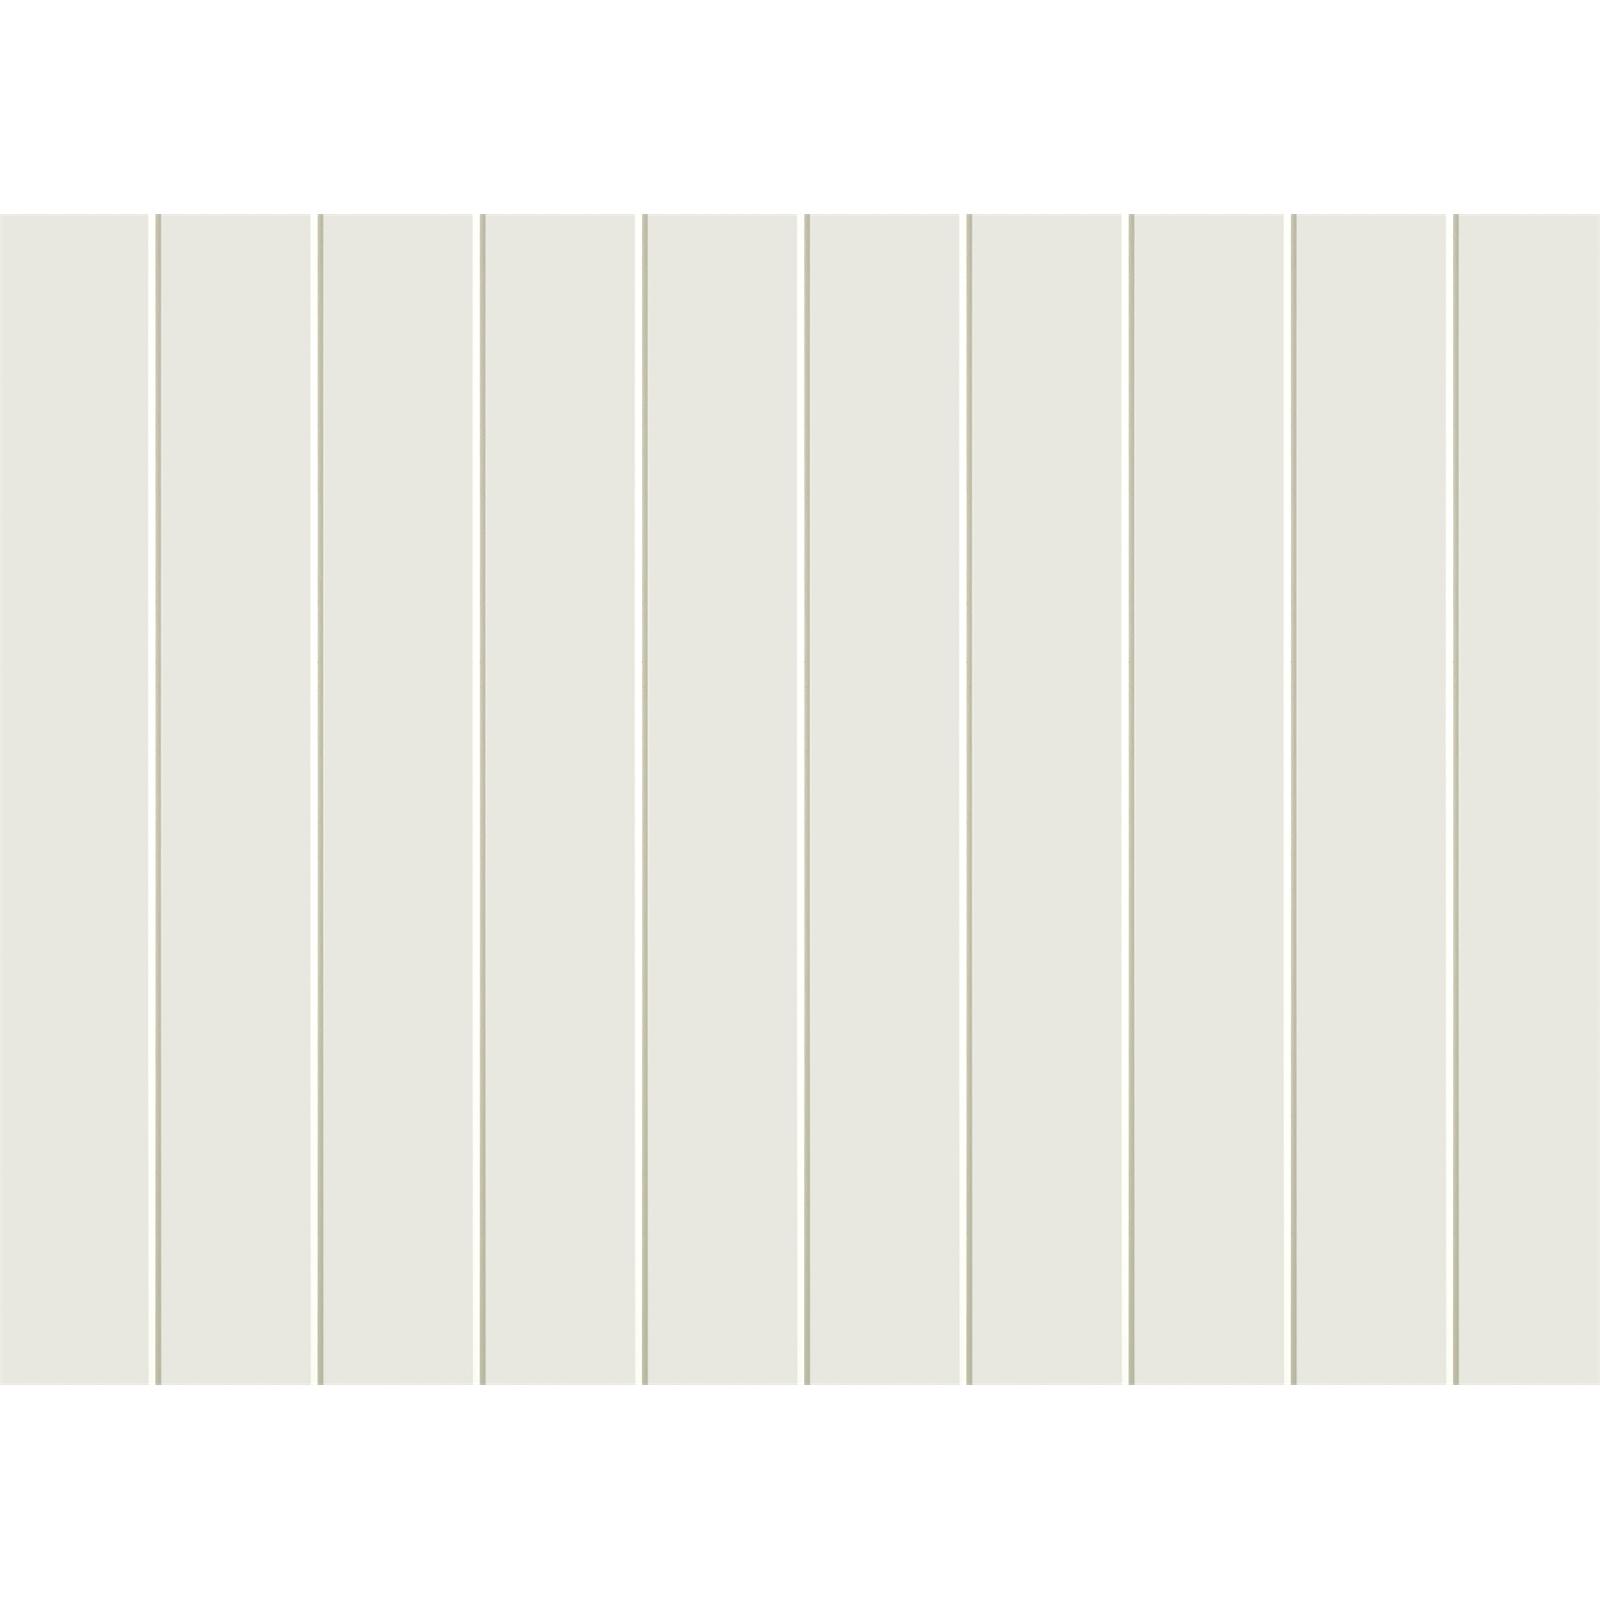 Easycraft EasyVJ 900 x 1200 x 9mm Primed MDF Interior Wall Linings